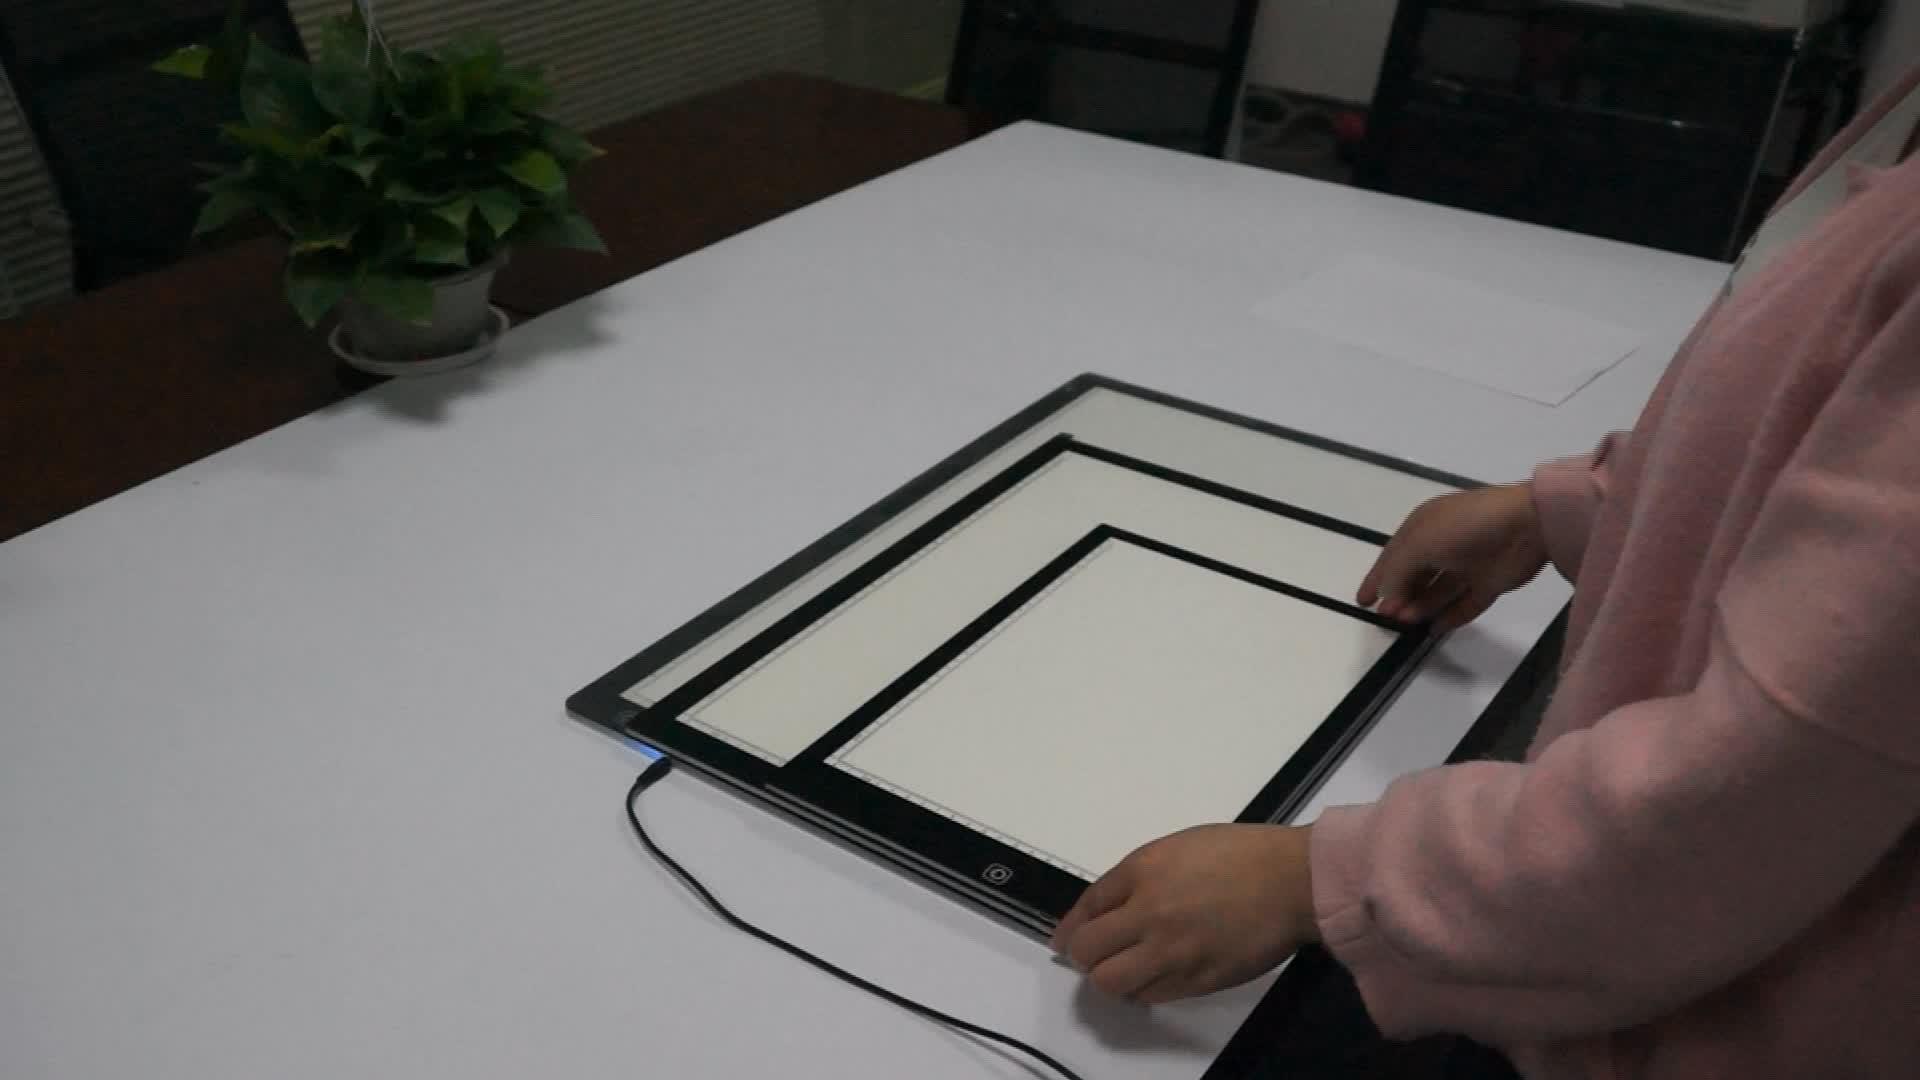 Ultra ince ışıklı çerçeve ışık kutusu A2 akrilik Panel çocuk LED çizim kurulu animasyon çizim eskiz kurulu